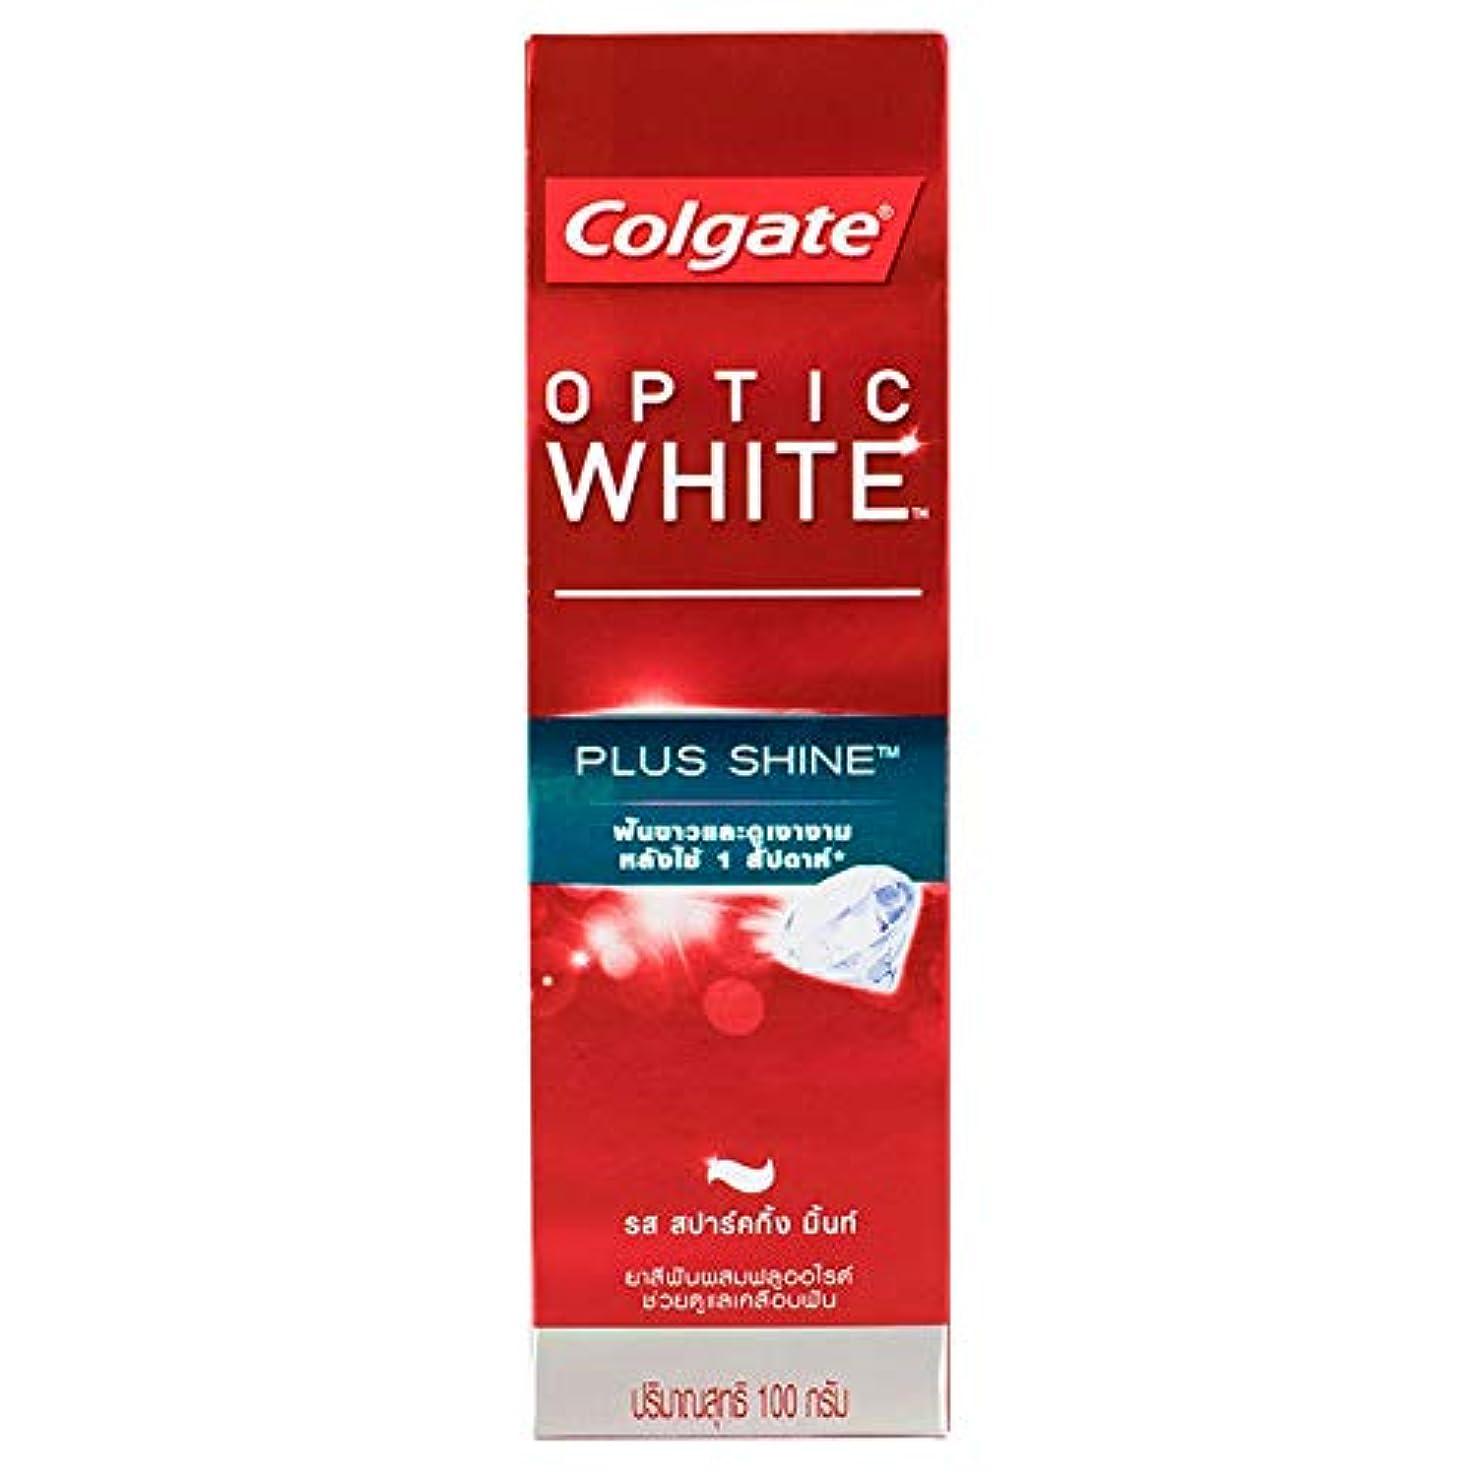 データベースセント物足りない(コルゲート)Colgate 歯磨き粉 「オプティック ホワイト 」 (プラス シャイン)